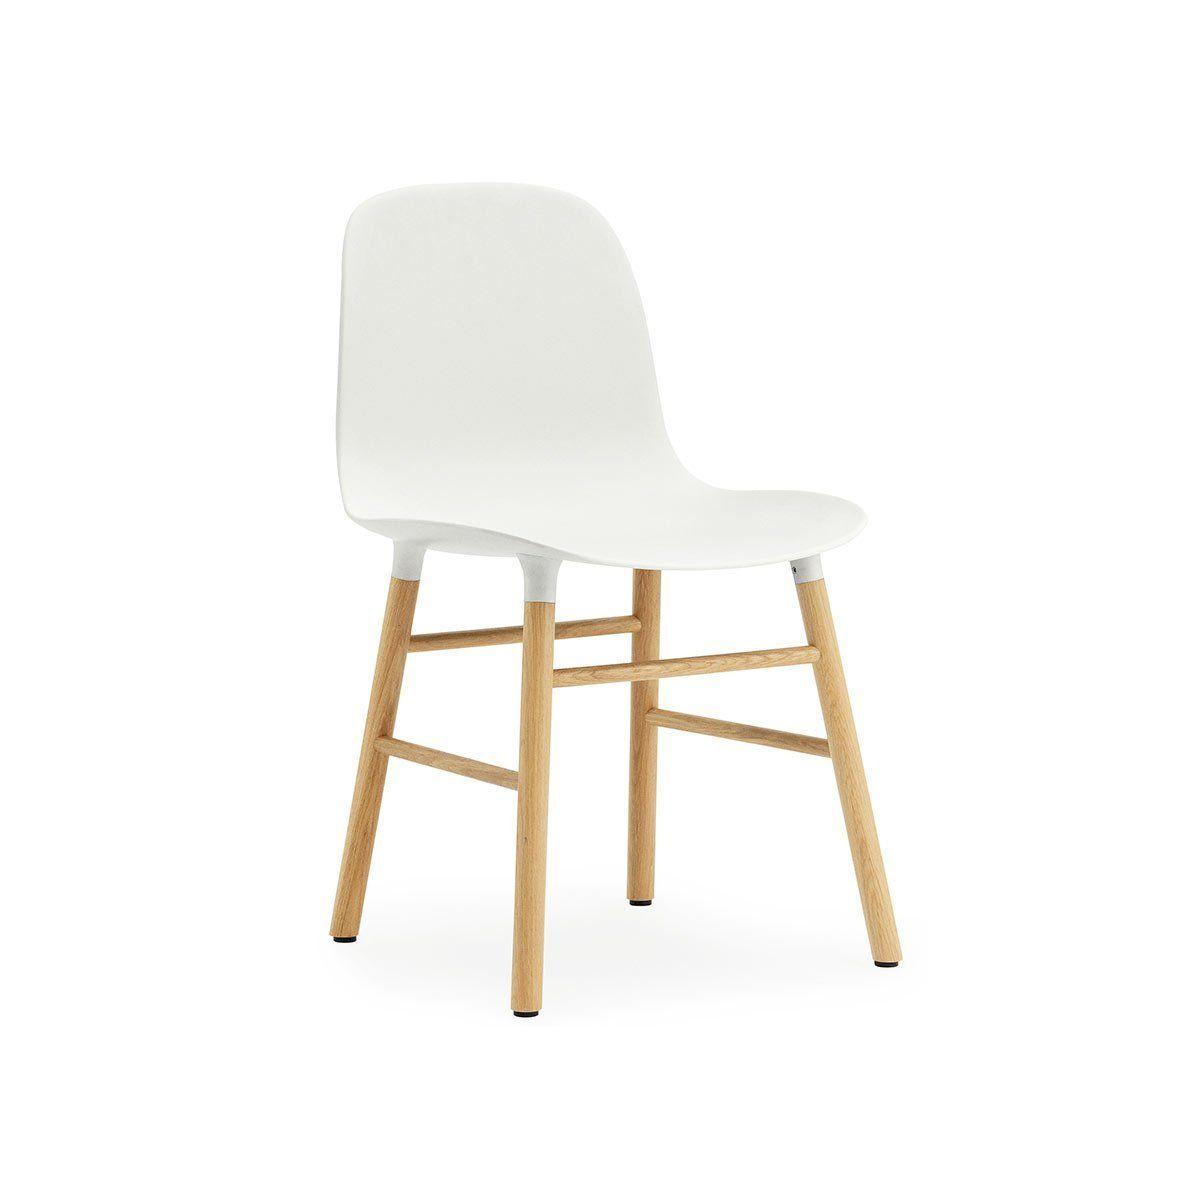 Normann Copenhagen Stuhl Form, weiß / eiche: Amazon.de: Küche ...